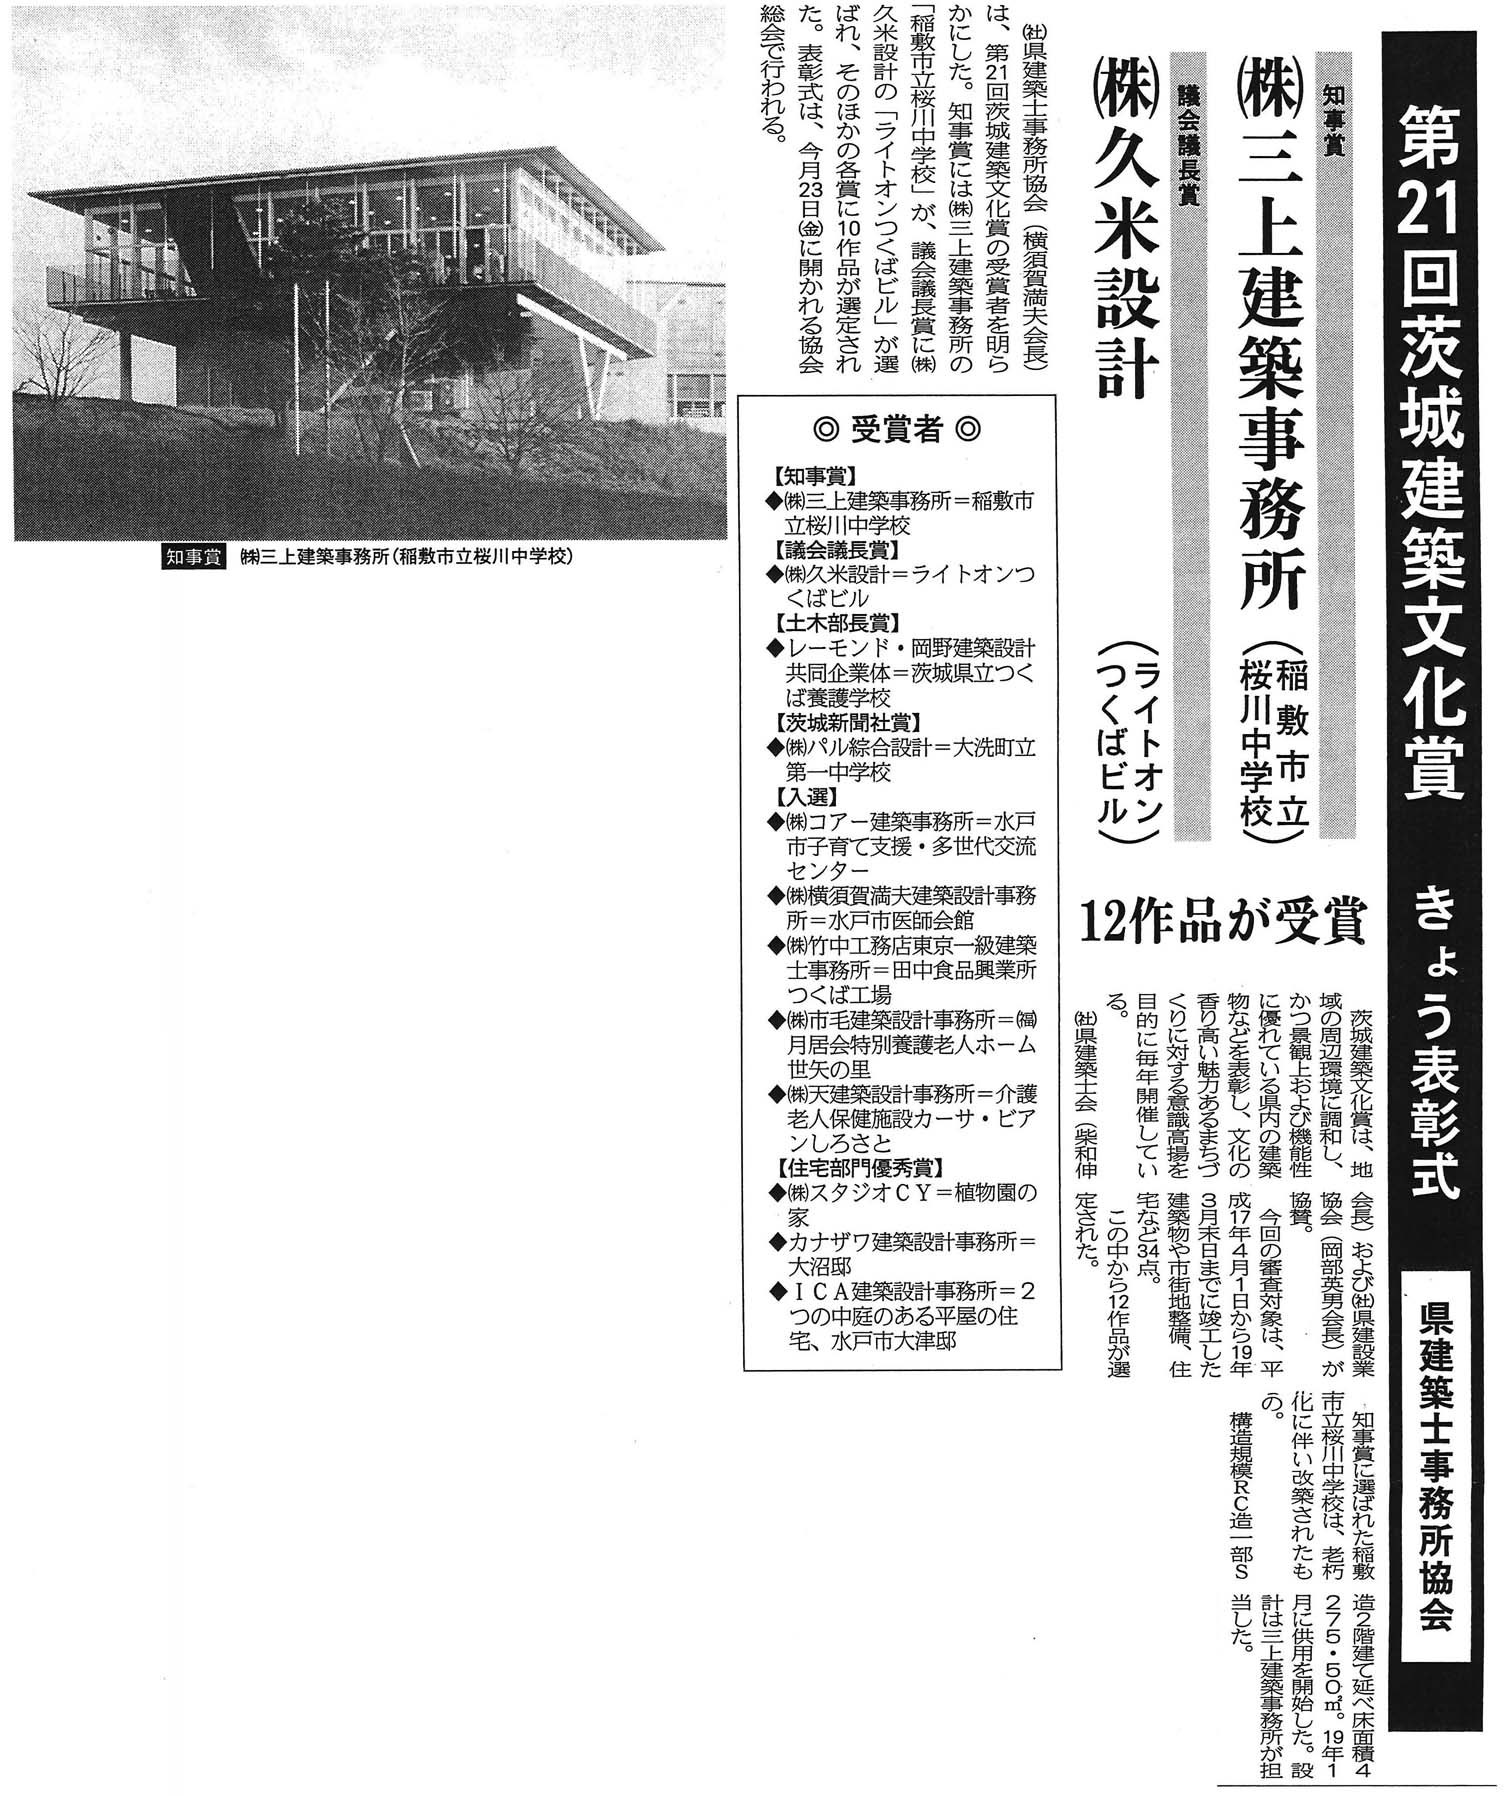 日本工業経済新聞